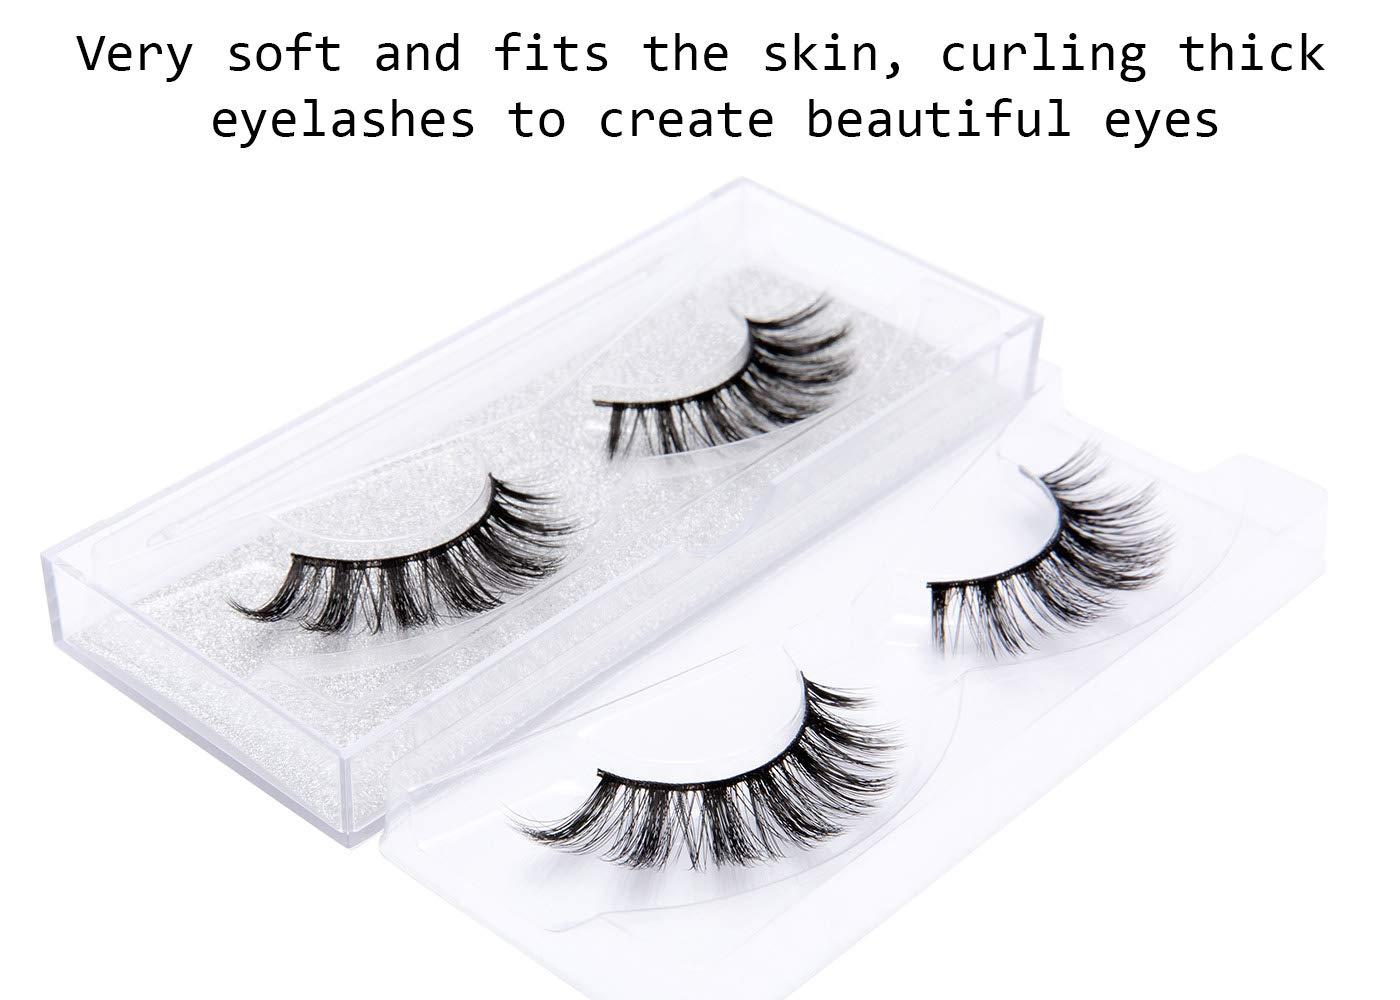 DYSILK 3D Eyelashes Extension Handmade False Eyelashes Makeup Long Eyelashes Black Nature Fake Eyelashes Fluffy Soft Reusable 5 Pairs